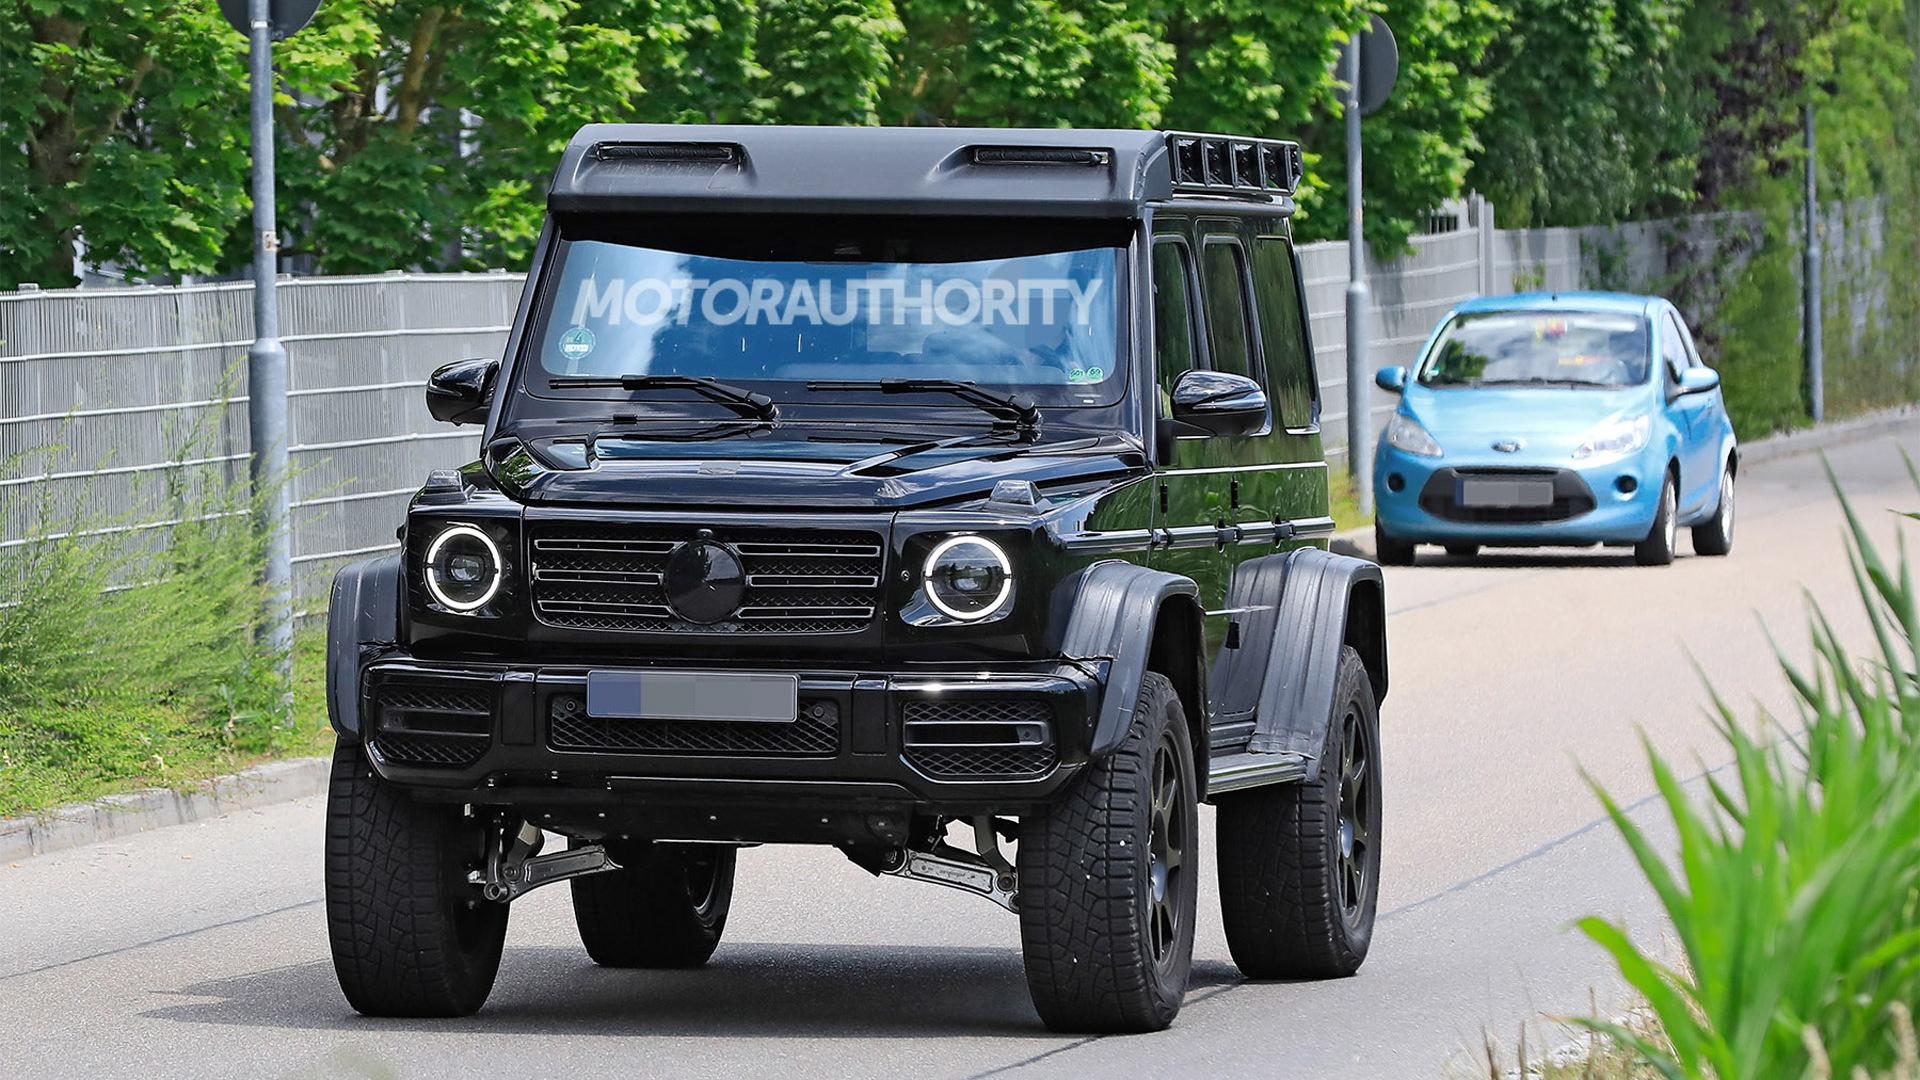 New Mercedes-Benz G550 4x4 Squared spy shots - Photo credit:S. Baldauf/SB-Medien